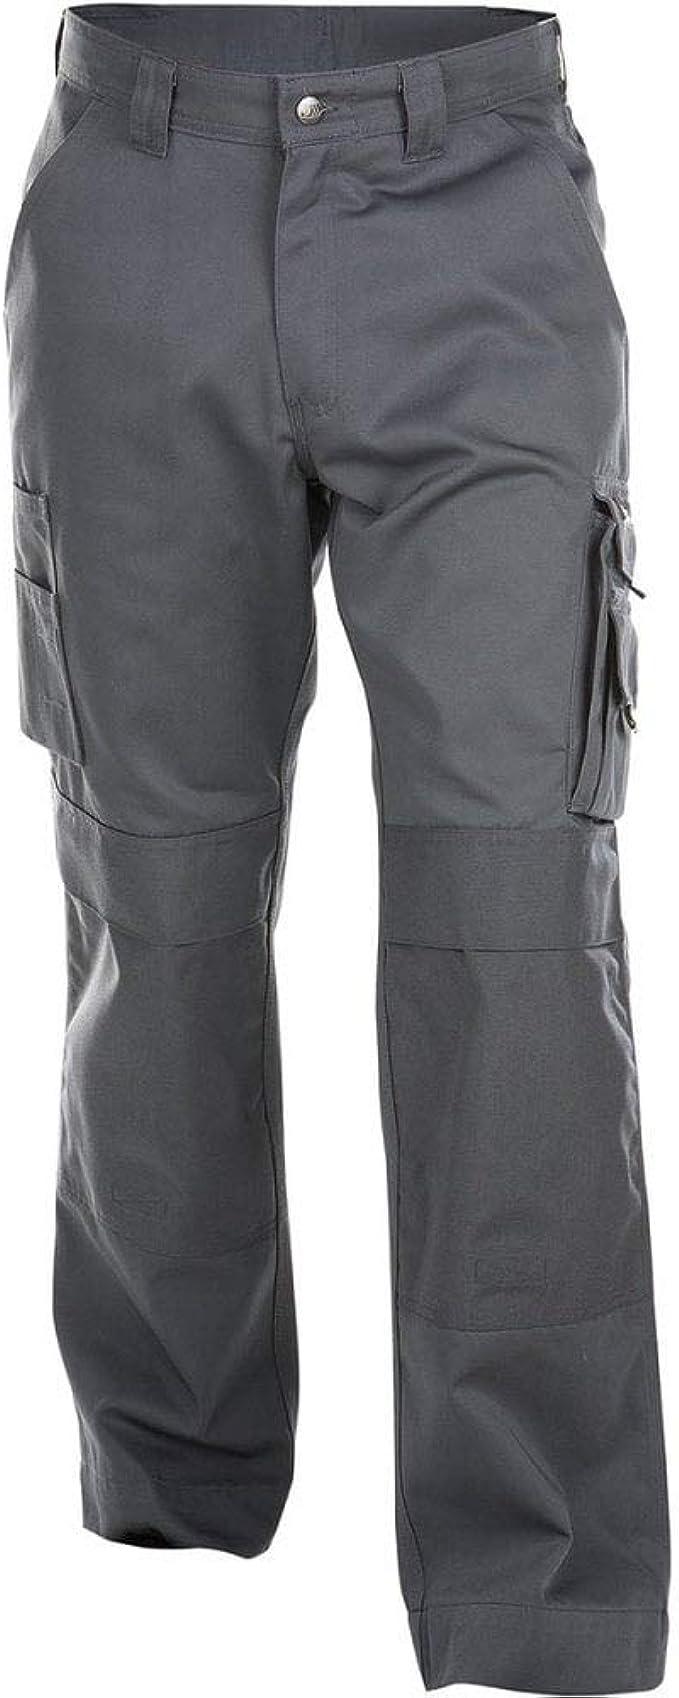 DASSY® Miami Bundhose Arbeits-Hose Cordura 65/% Polyester// 35/% Baumwolle Handwerk